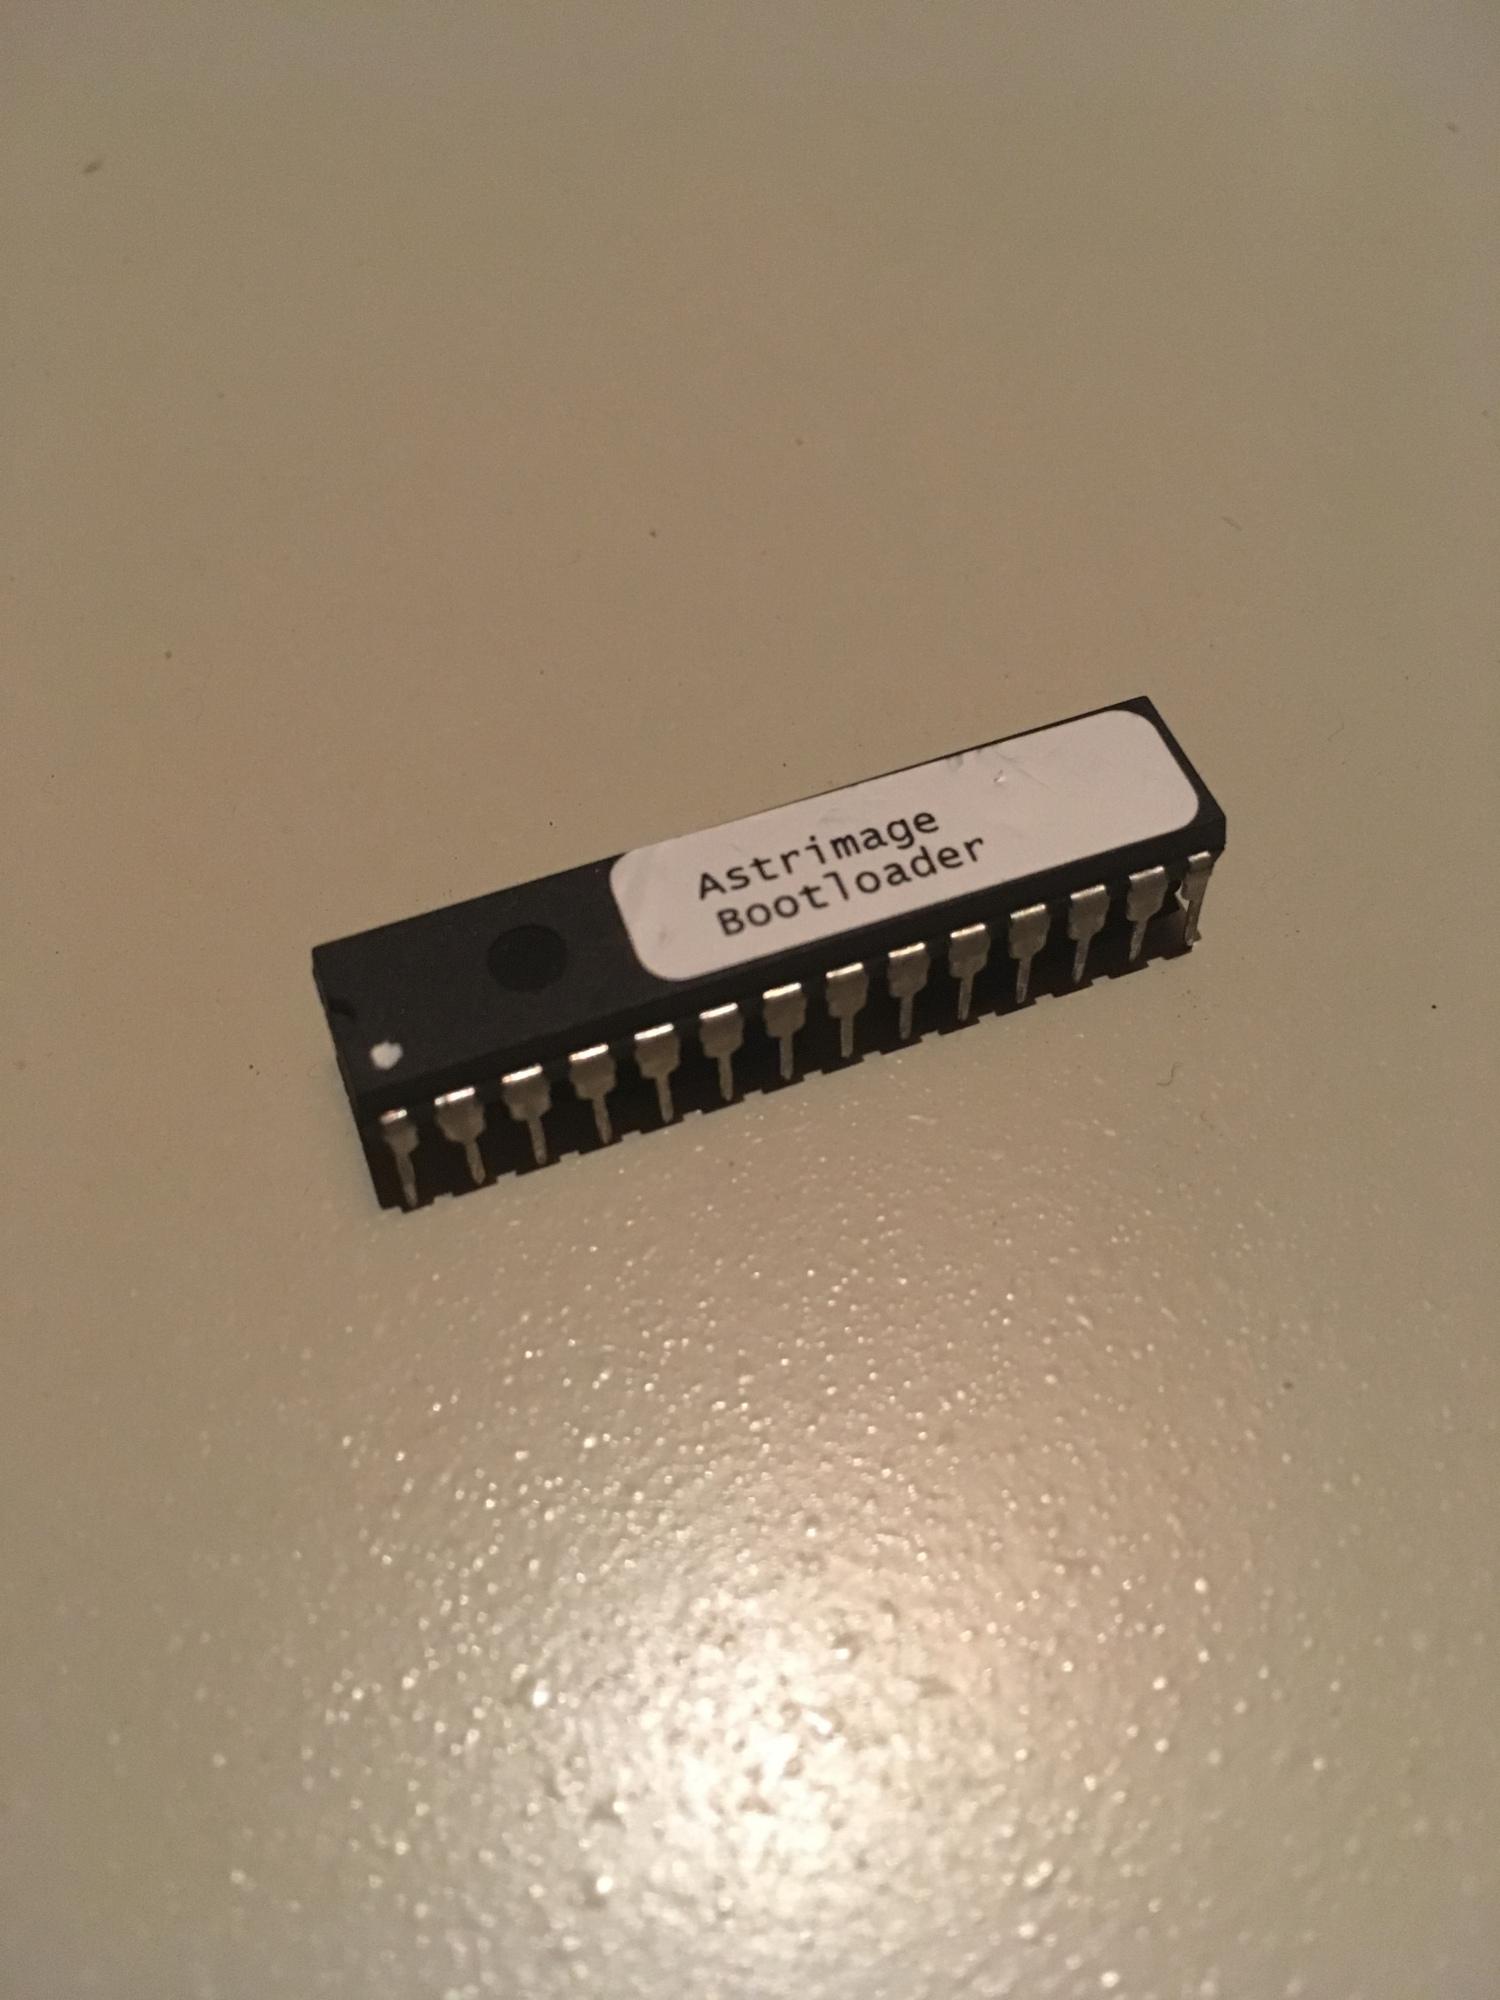 C7F8B77E-3F8E-4F91-8AA5-8A5A45556AB0.thumb.jpeg.0a41e35945971294b1053e1ec4c6f576.jpeg